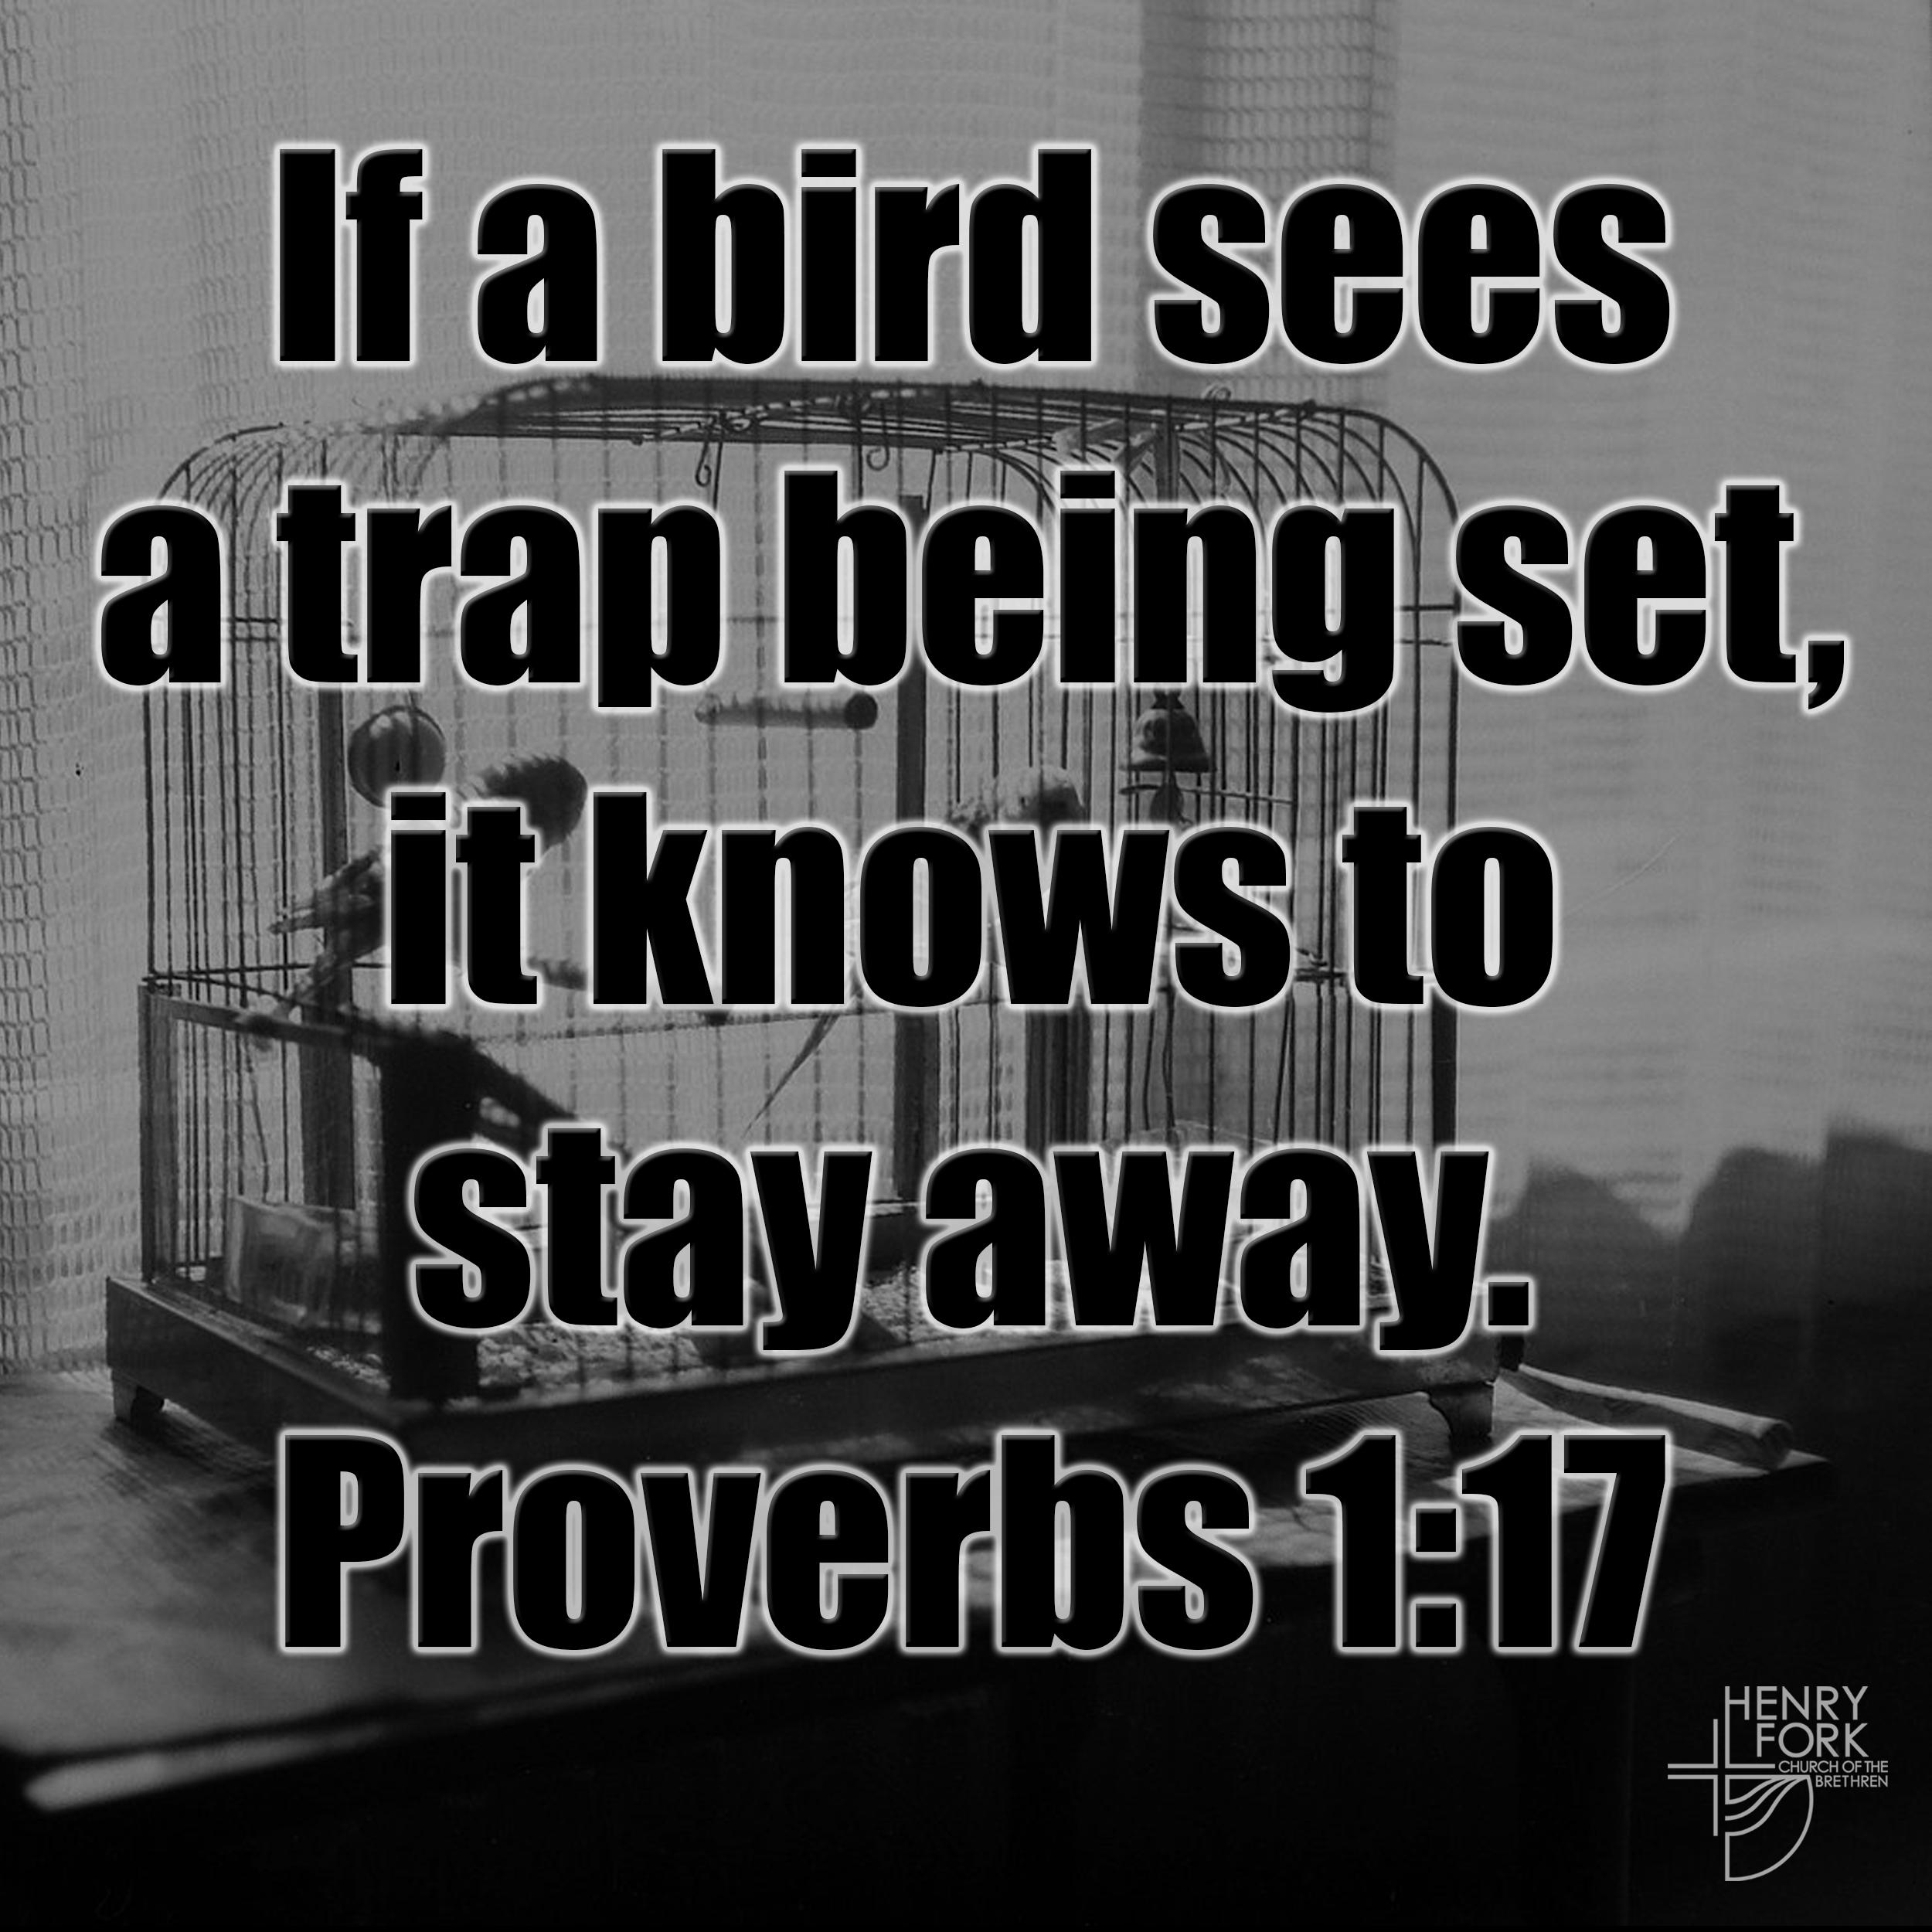 Proverbs 1:17